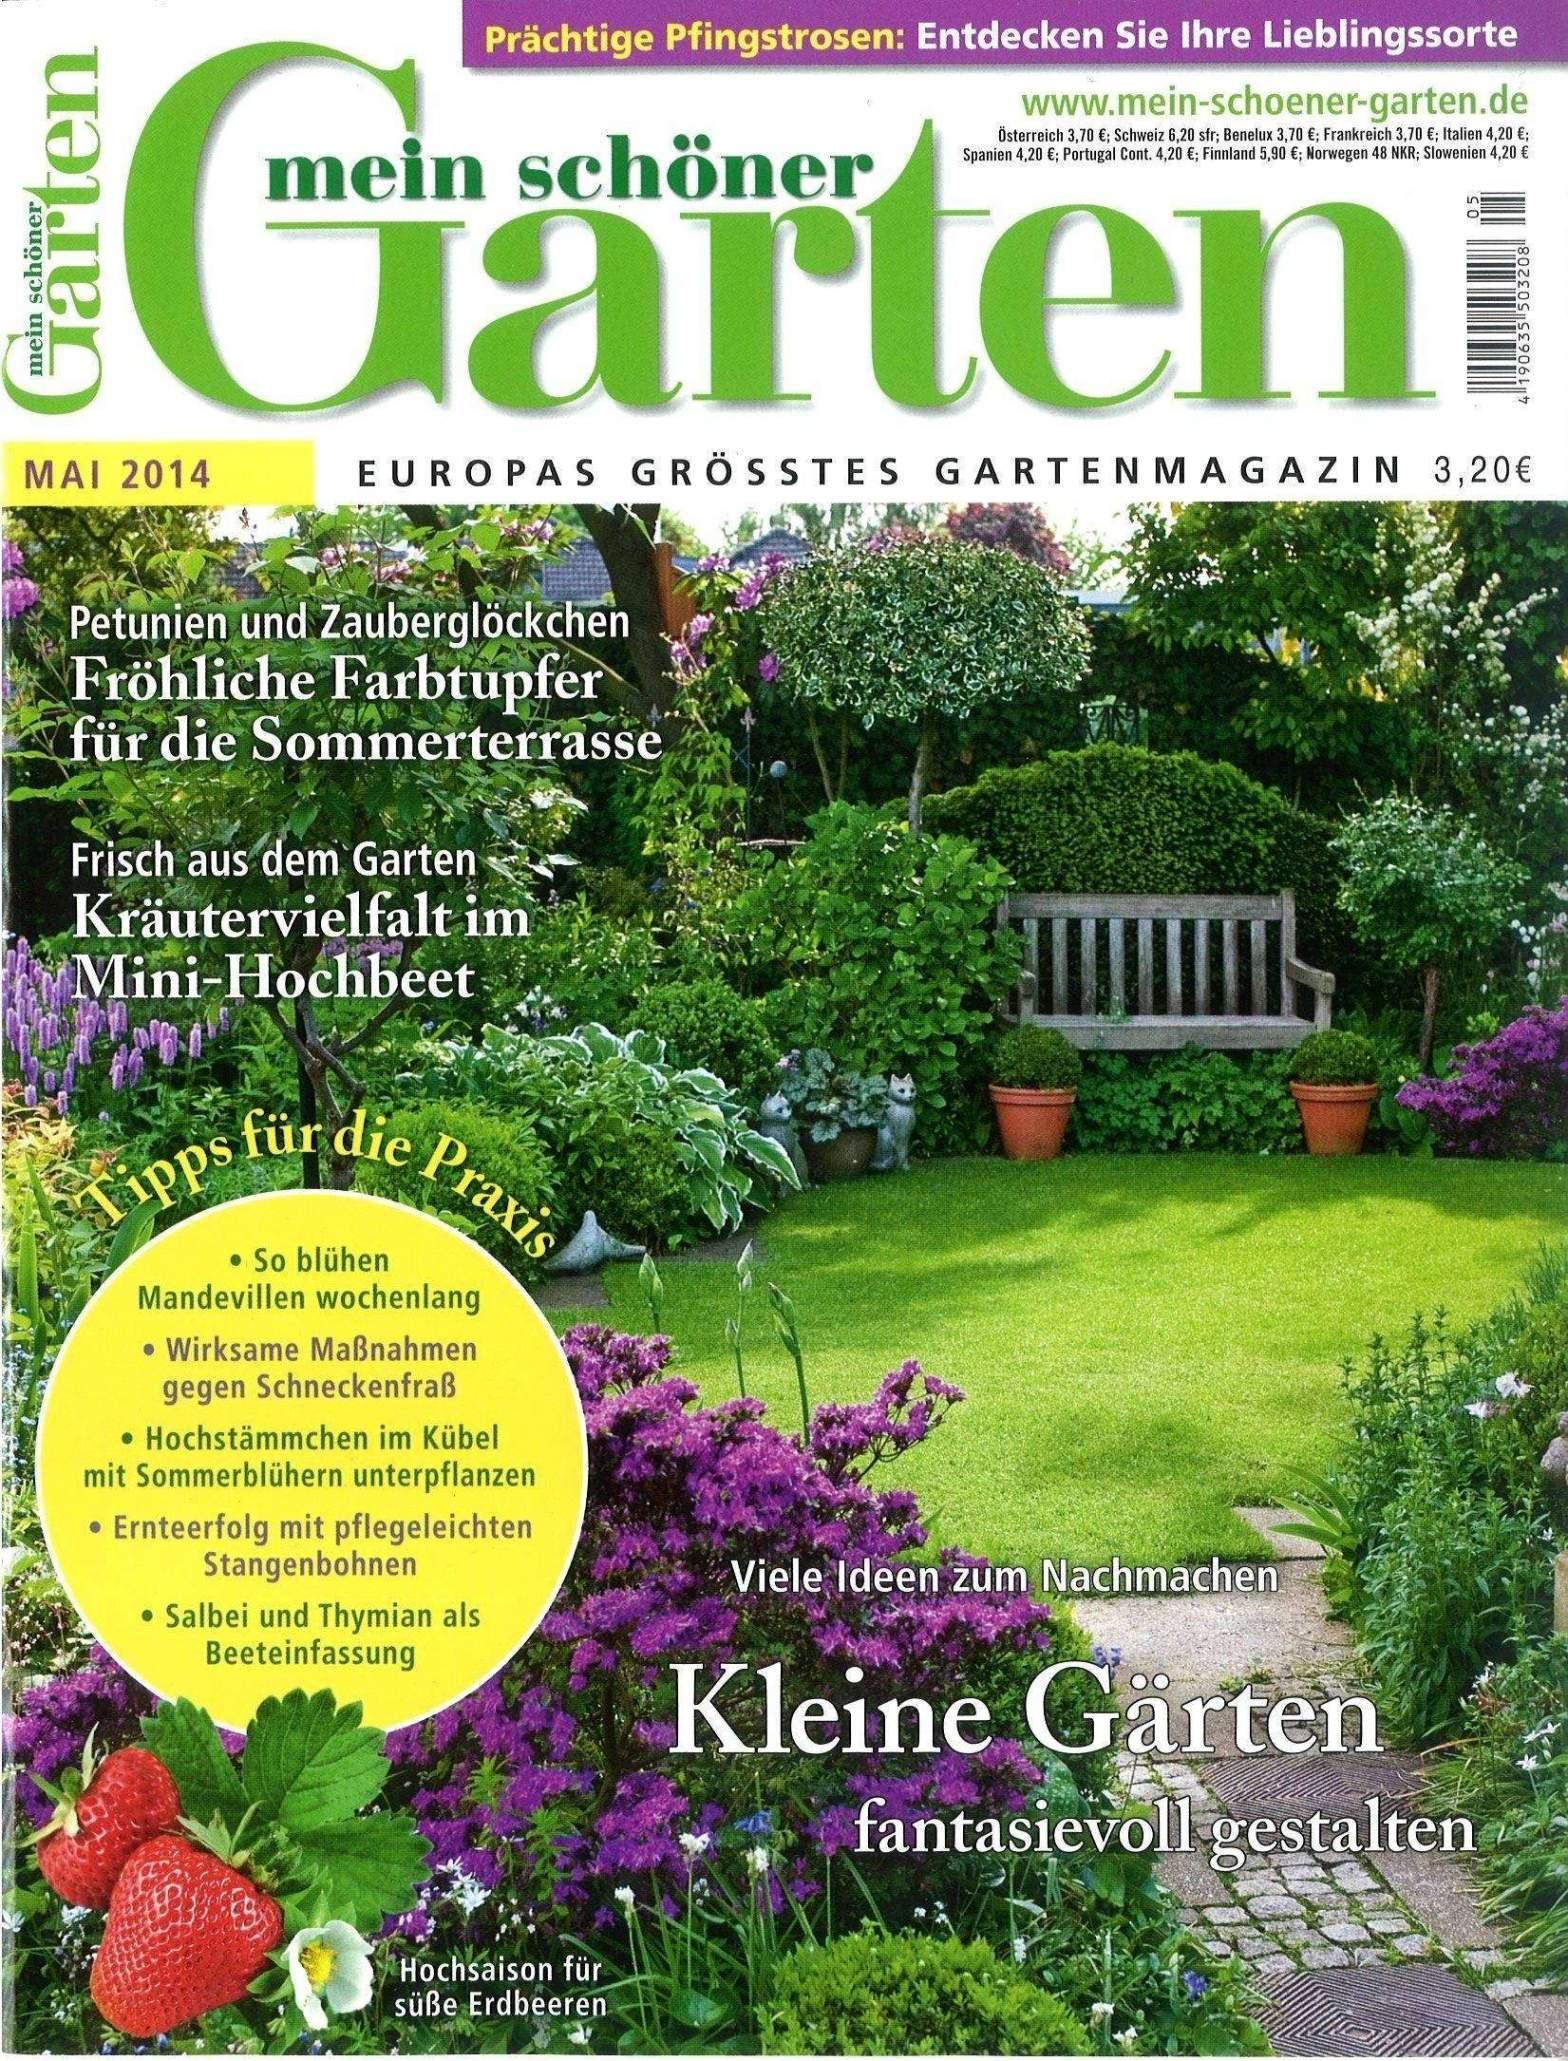 37 Das Beste Von Mein Schoner Garten Spezial Neu Garten Anlegen